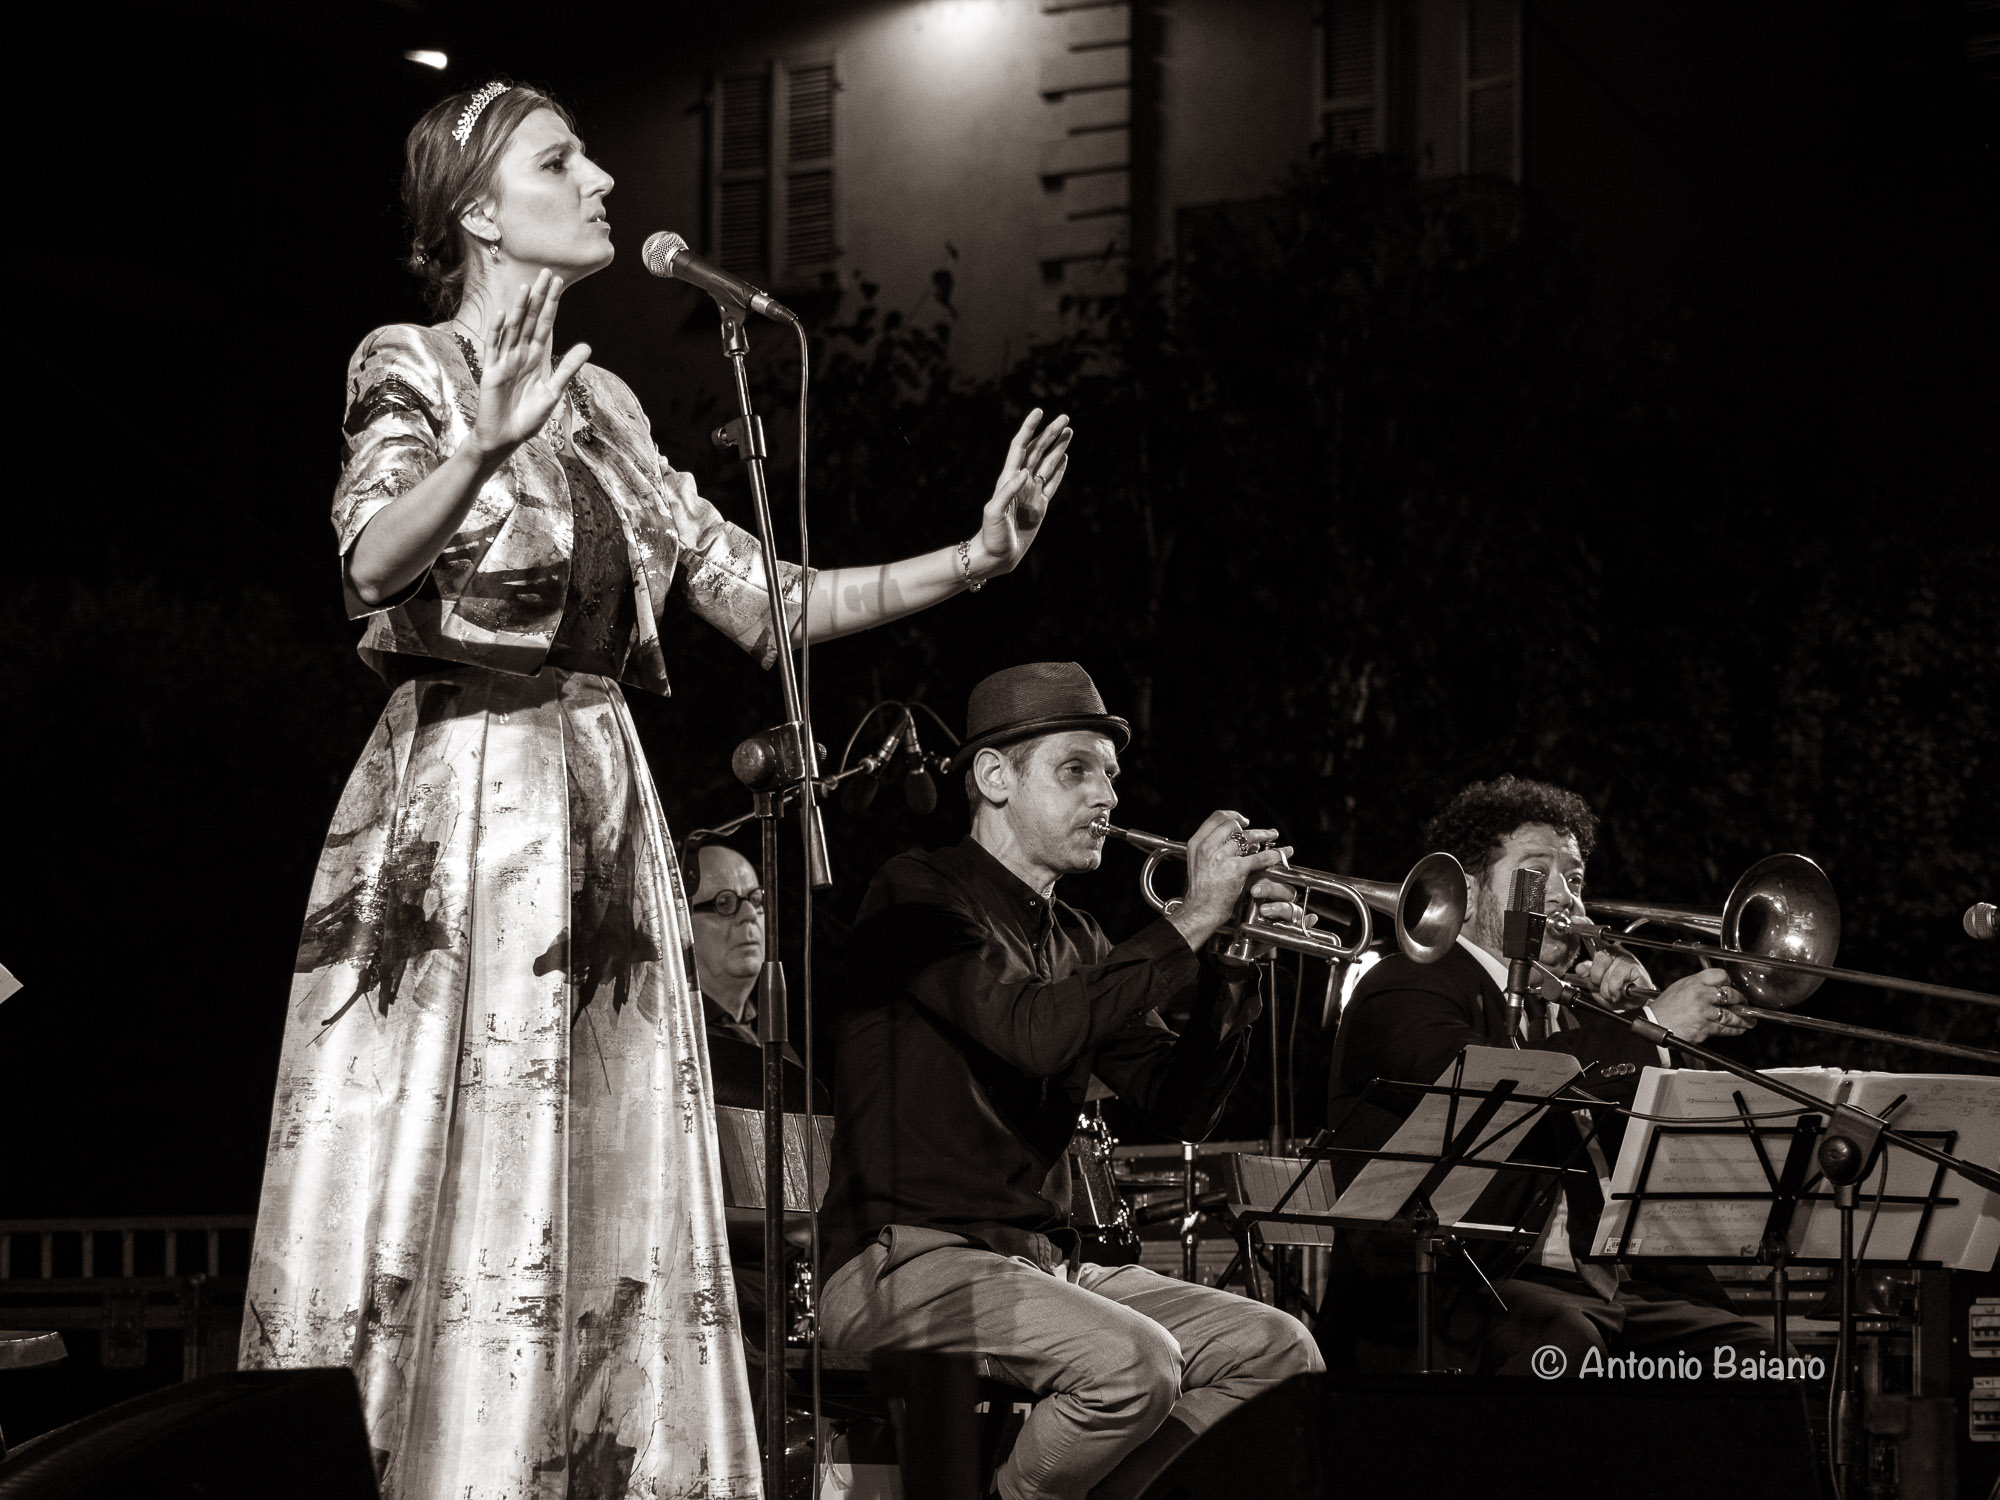 Vanessa Tagliabue, Fabrizio Bosso and Mauro Ottolini